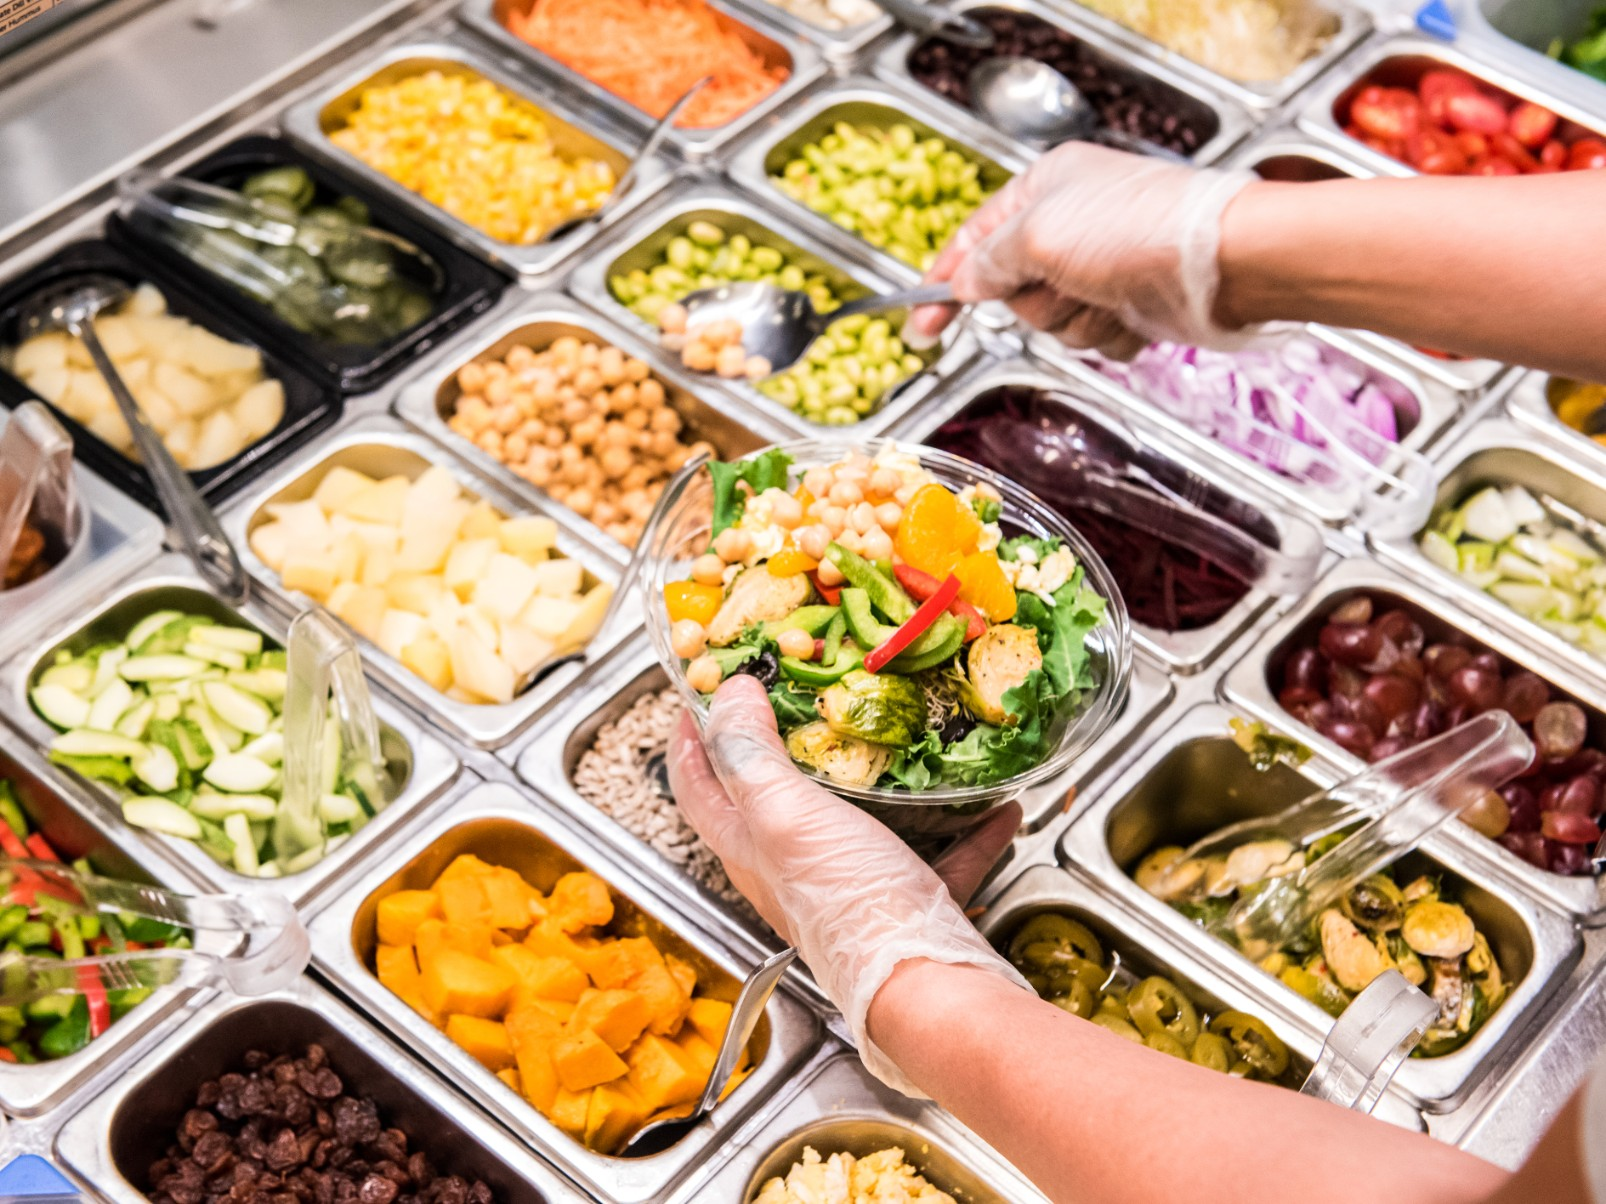 SaladStop! (Buona Vista) - Dine, Shop, Earn